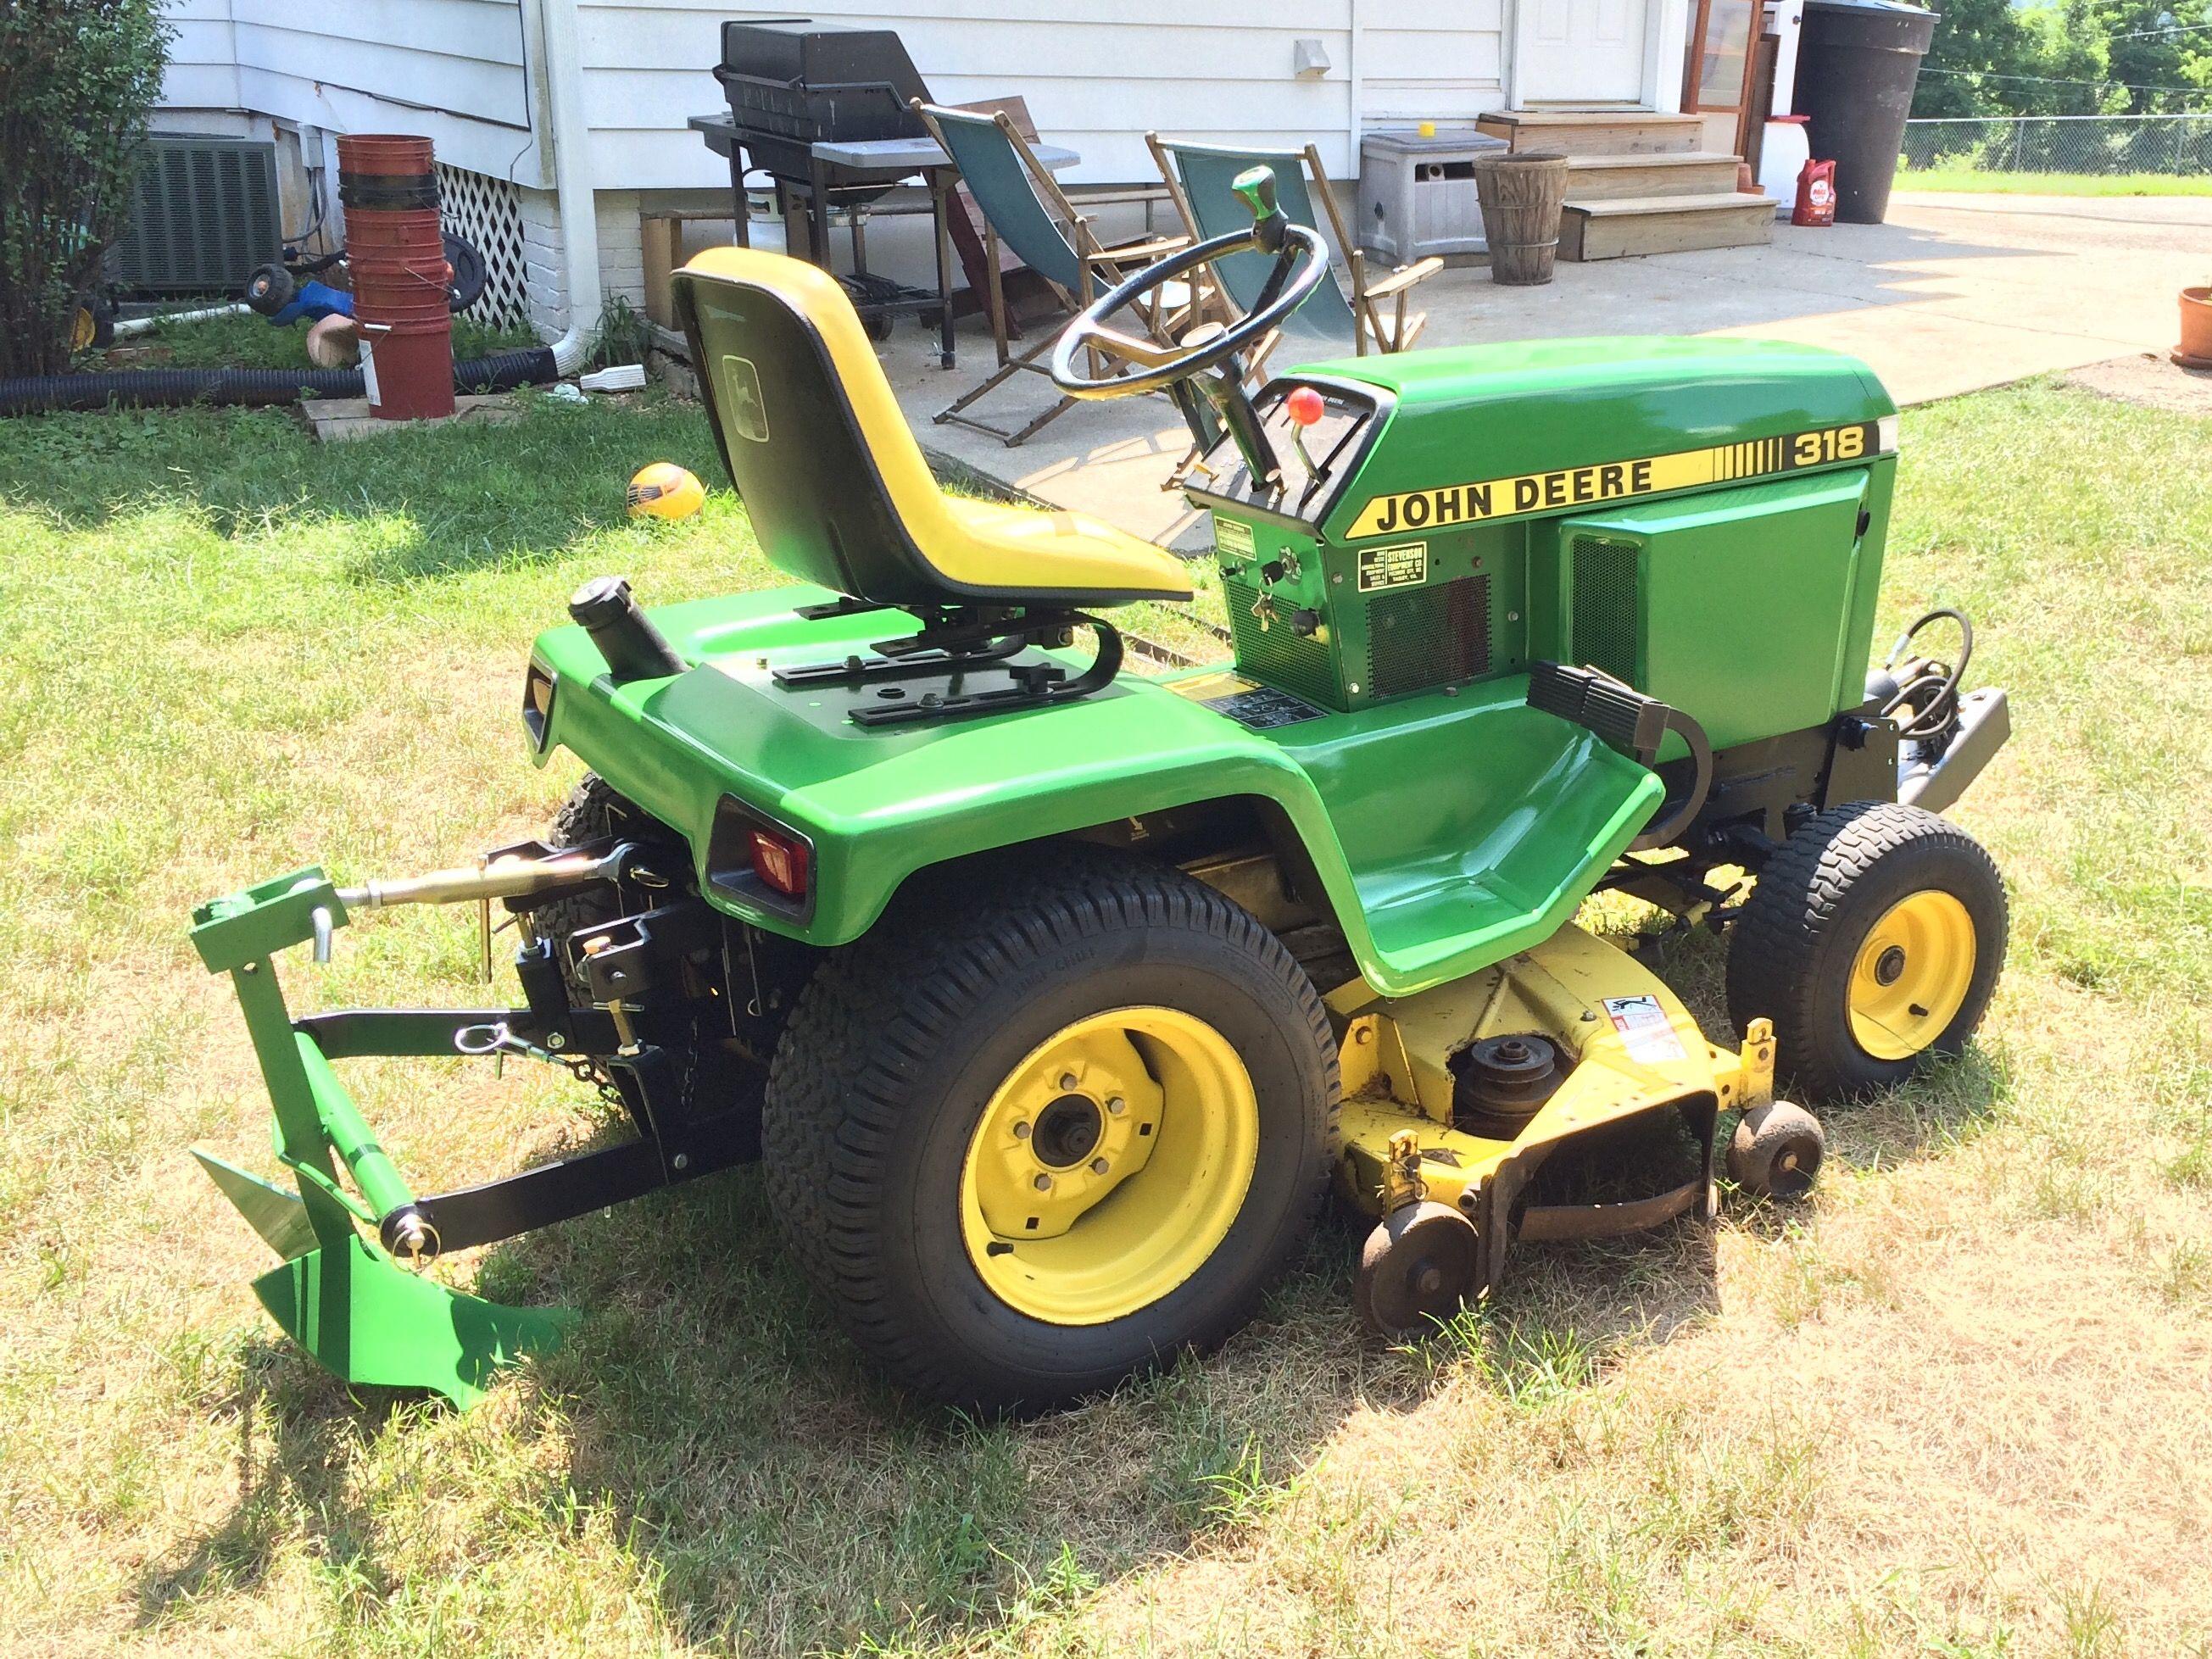 john deere 318 potato plow john deere pinterest john deere 318 and tractor john deere snow blade parts john deere x300 snowblade installation